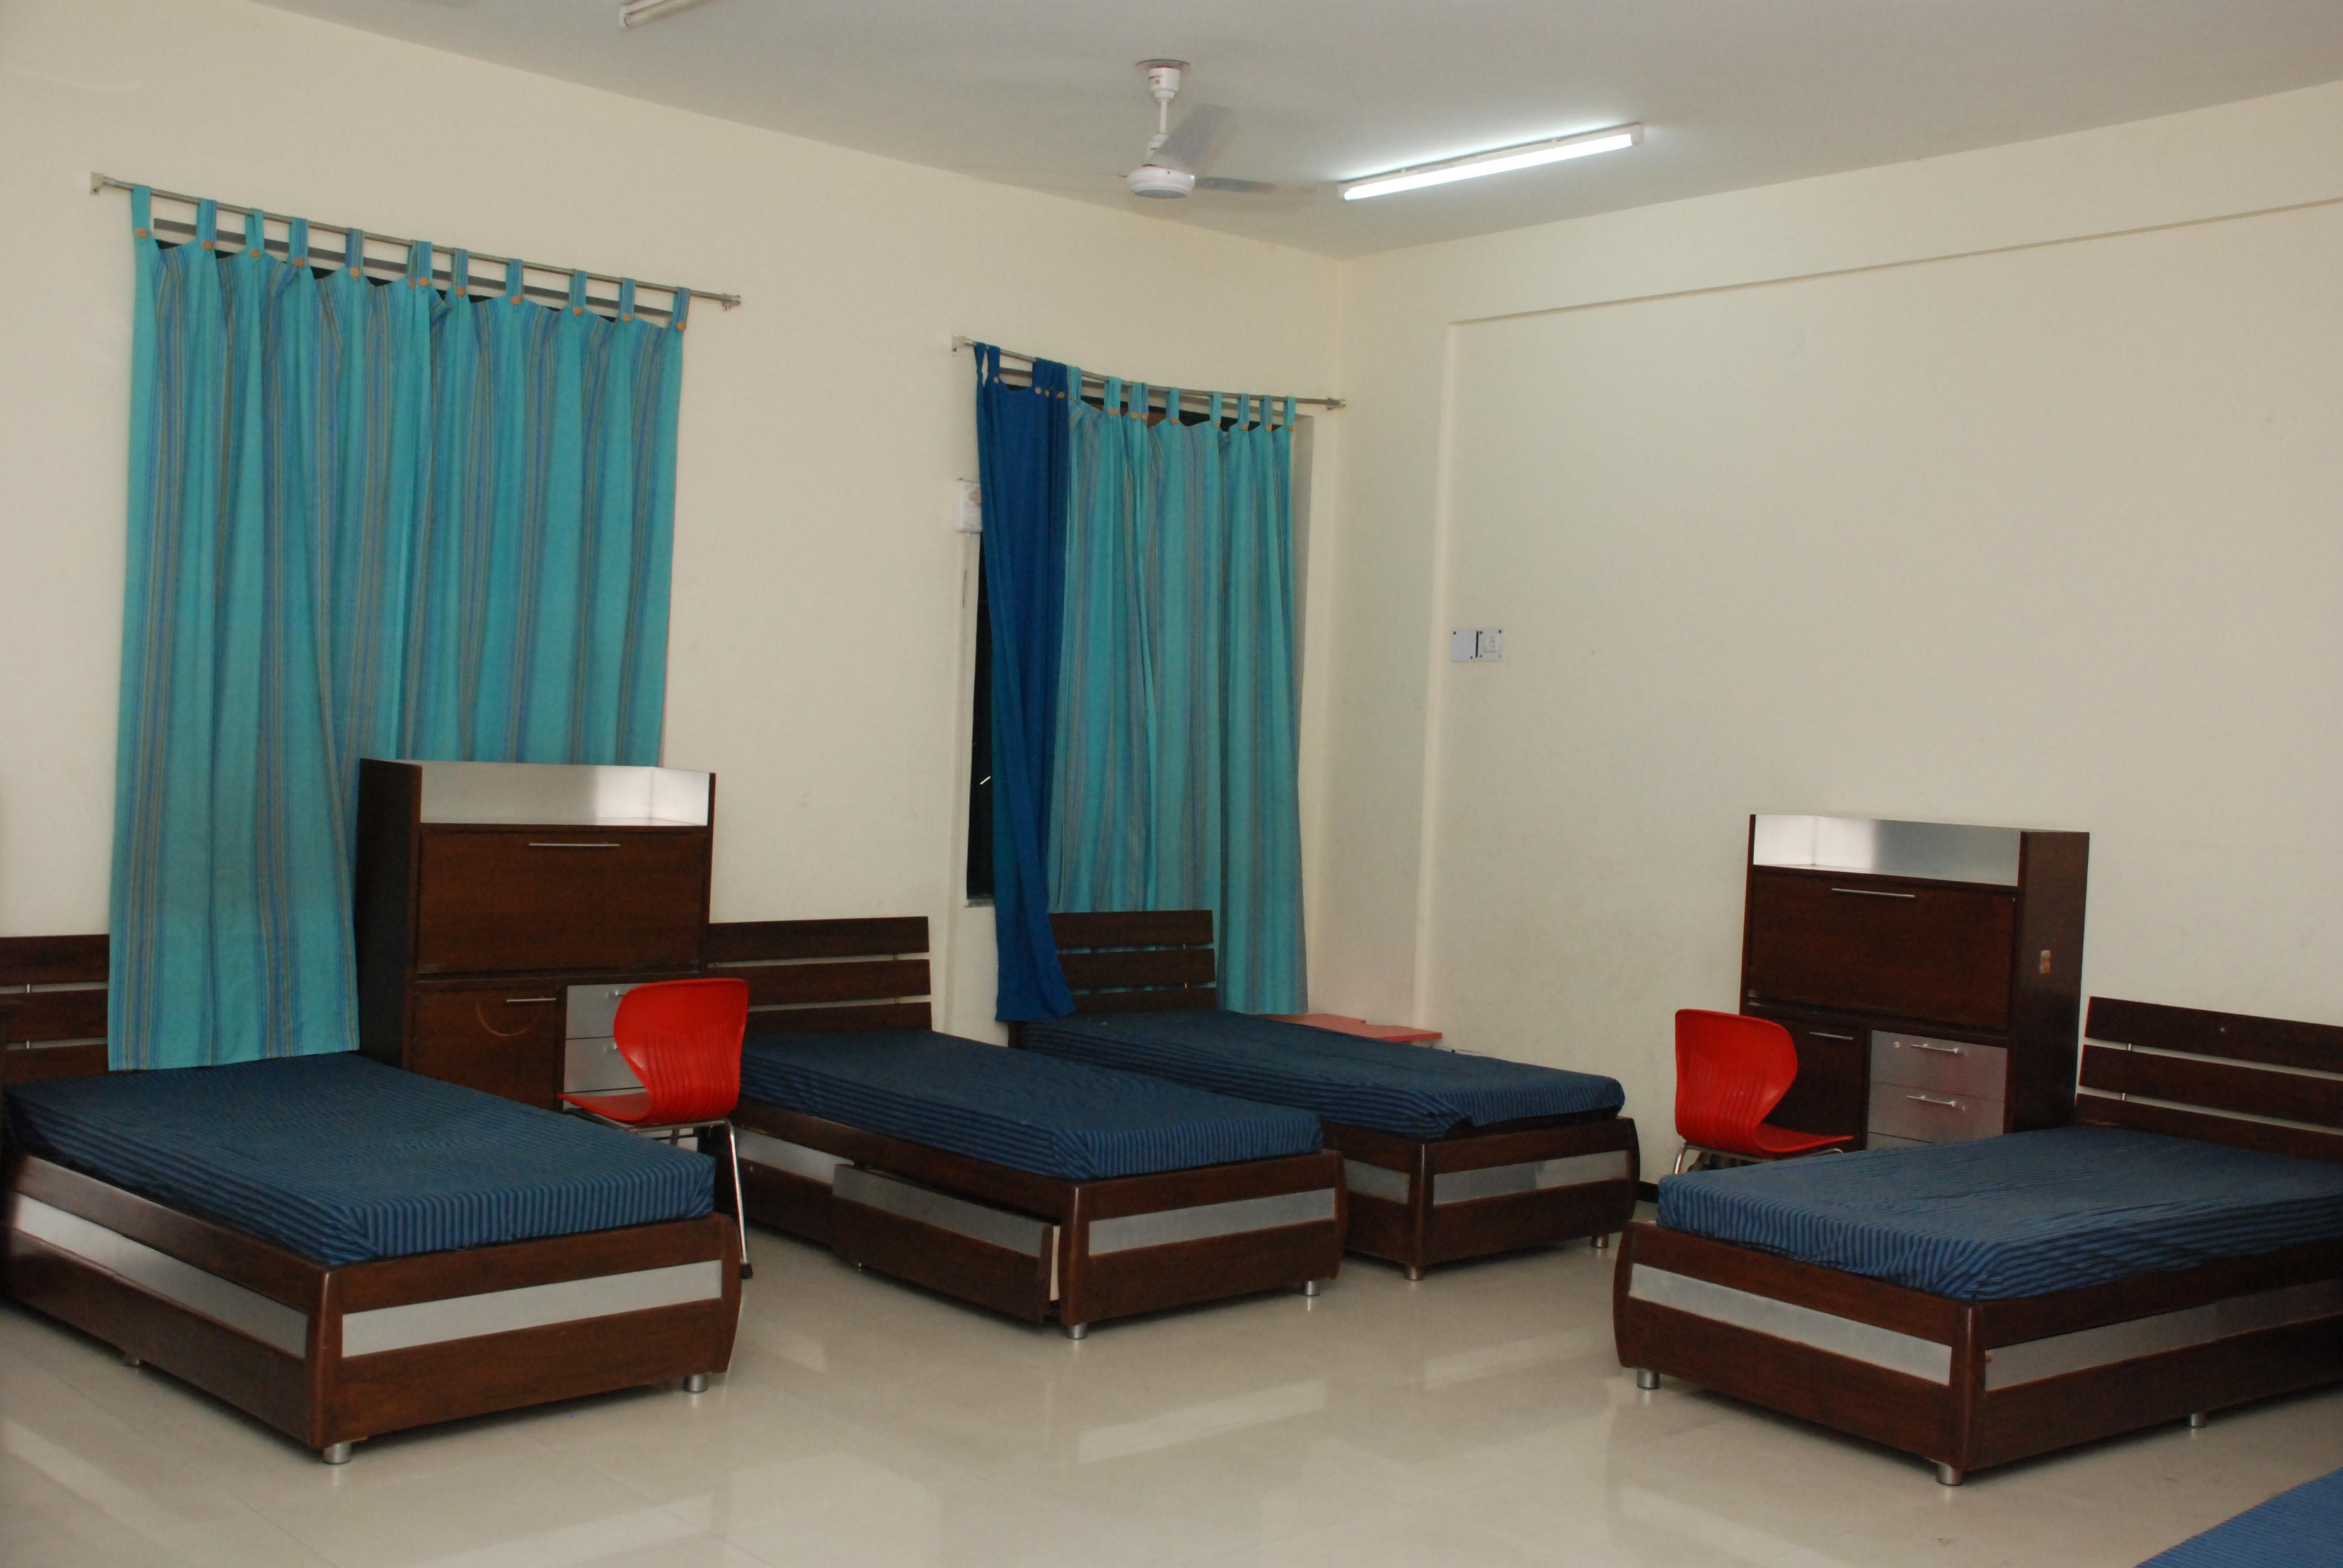 Facilities Top Management Institute In Delhi Ncr Top 100